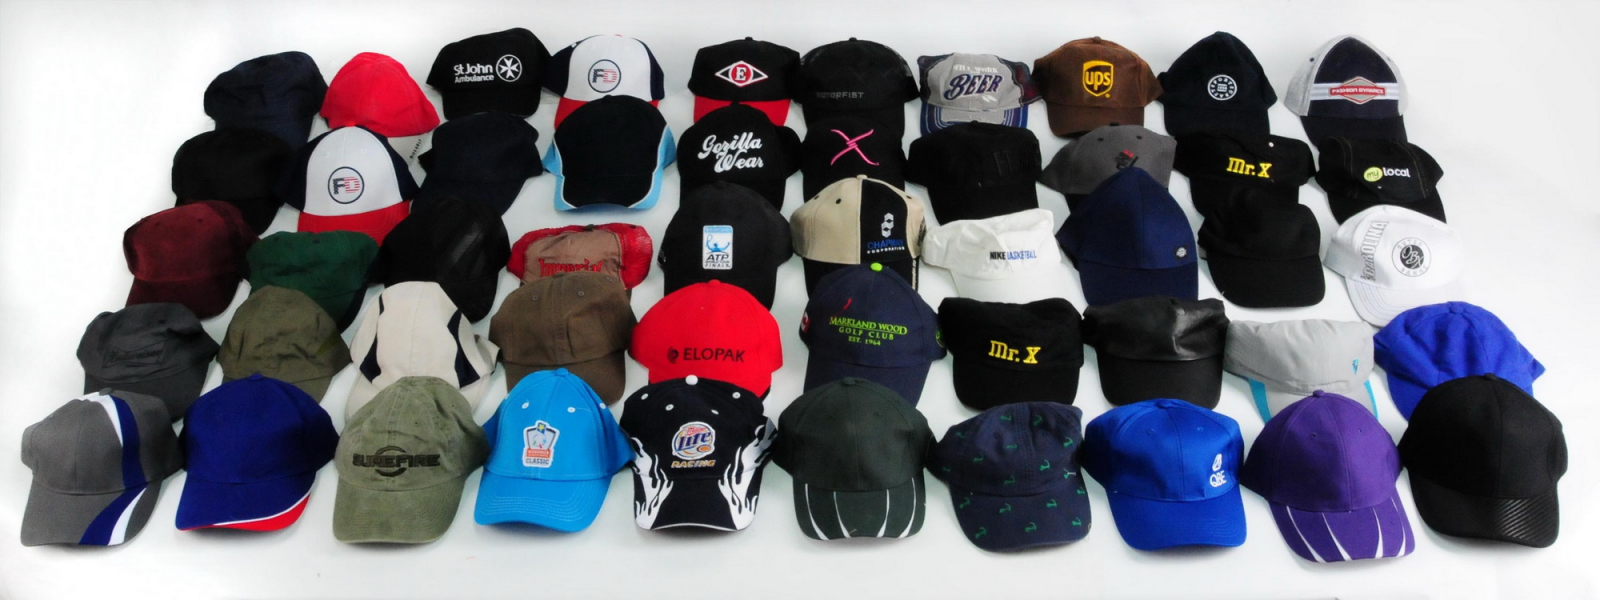 Хлопковые легкие кепки – твоя городская мода!